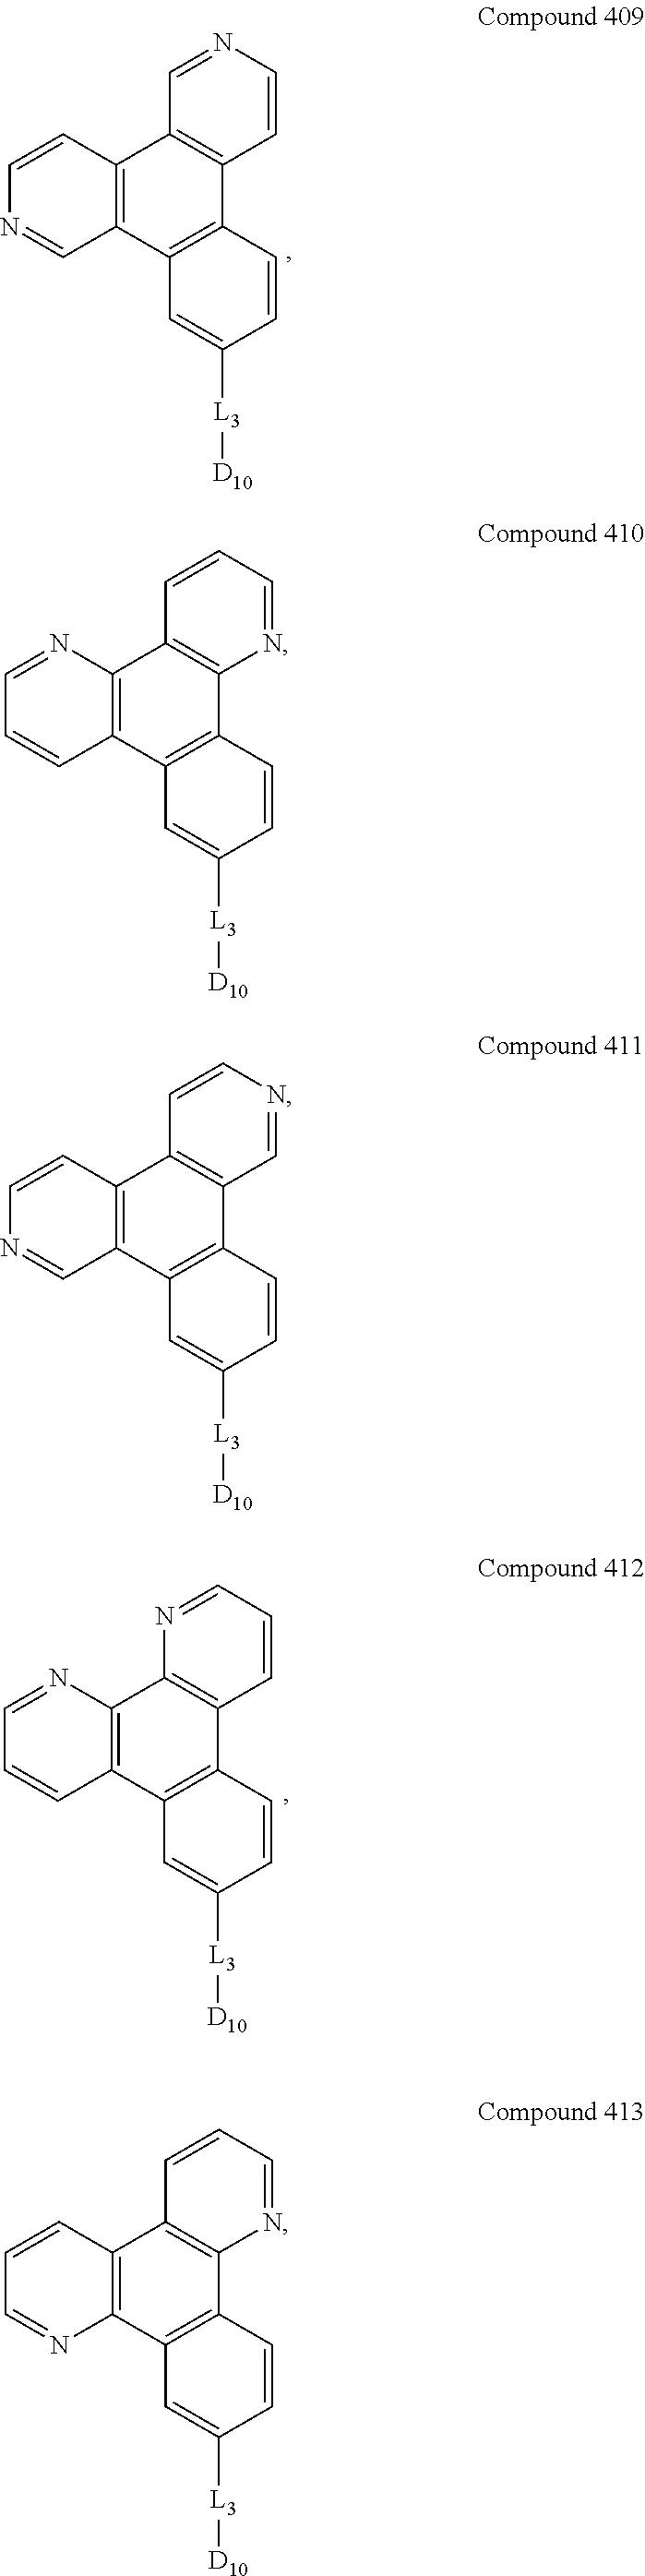 Figure US09537106-20170103-C00110